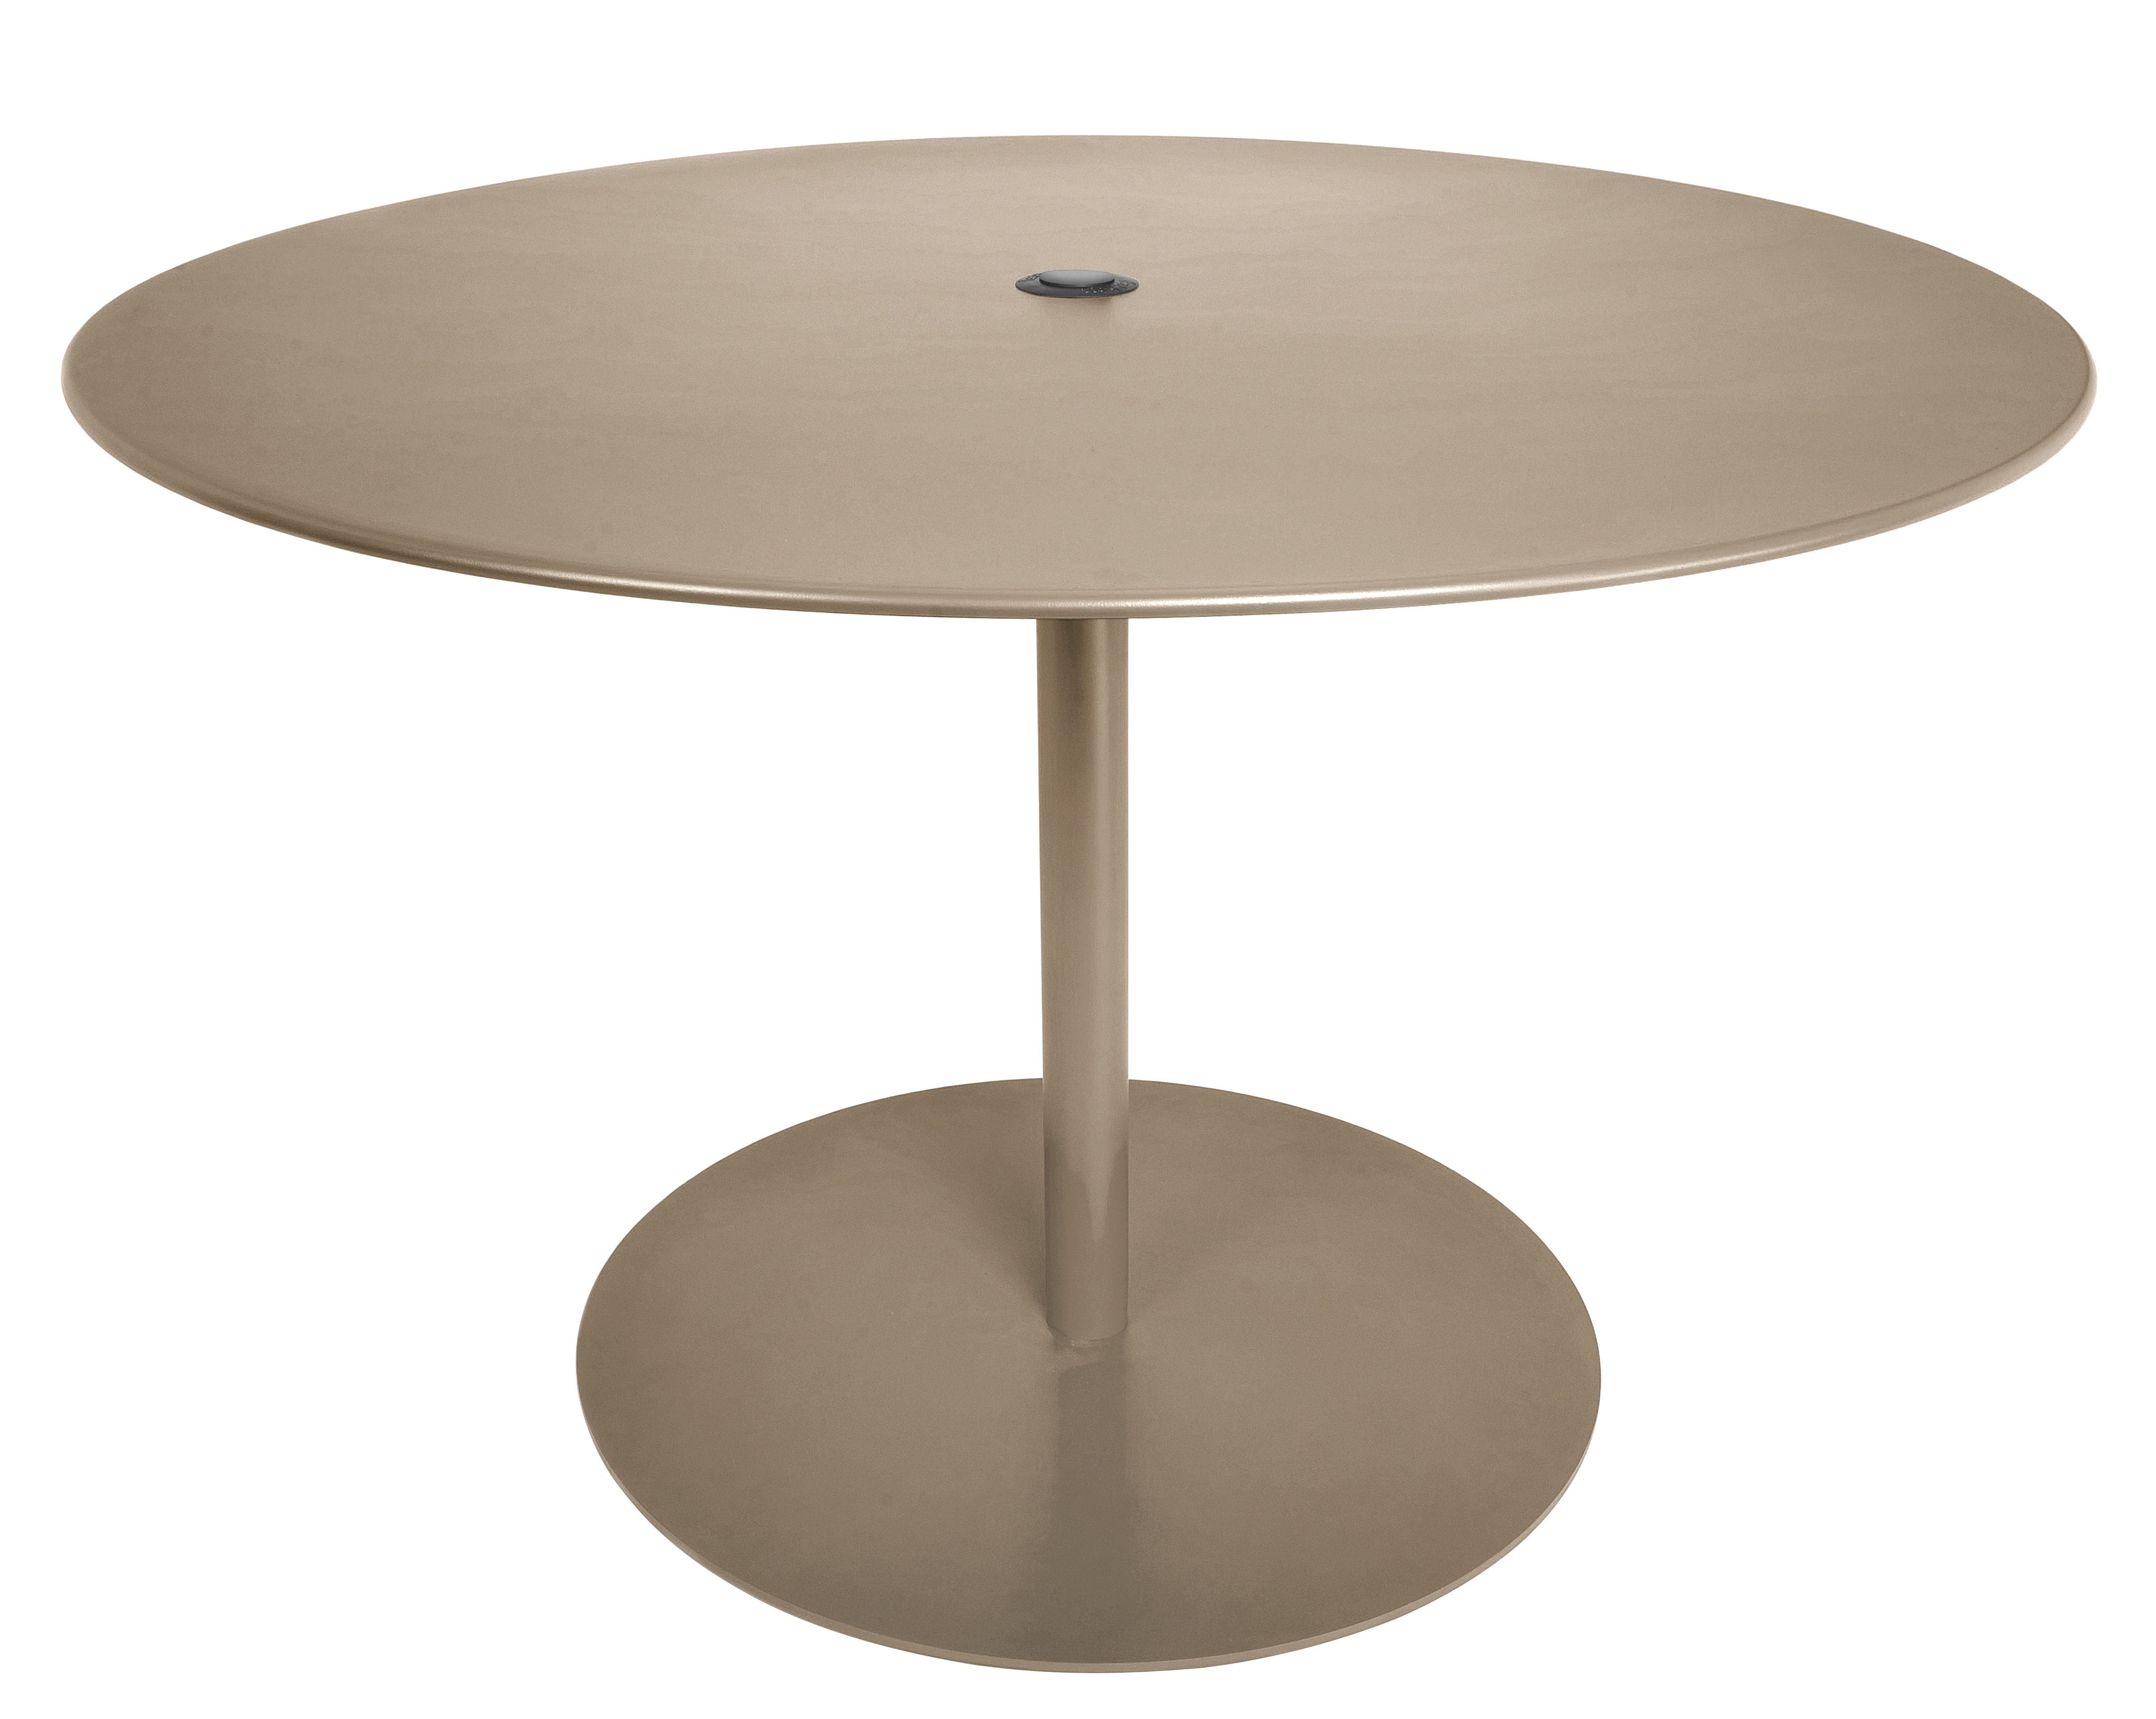 Outdoor - Tische - FormiTable XL Runder Tisch / Metall - Ø 120 cm - Fatboy - Taupe - Galvanisiertes Metall